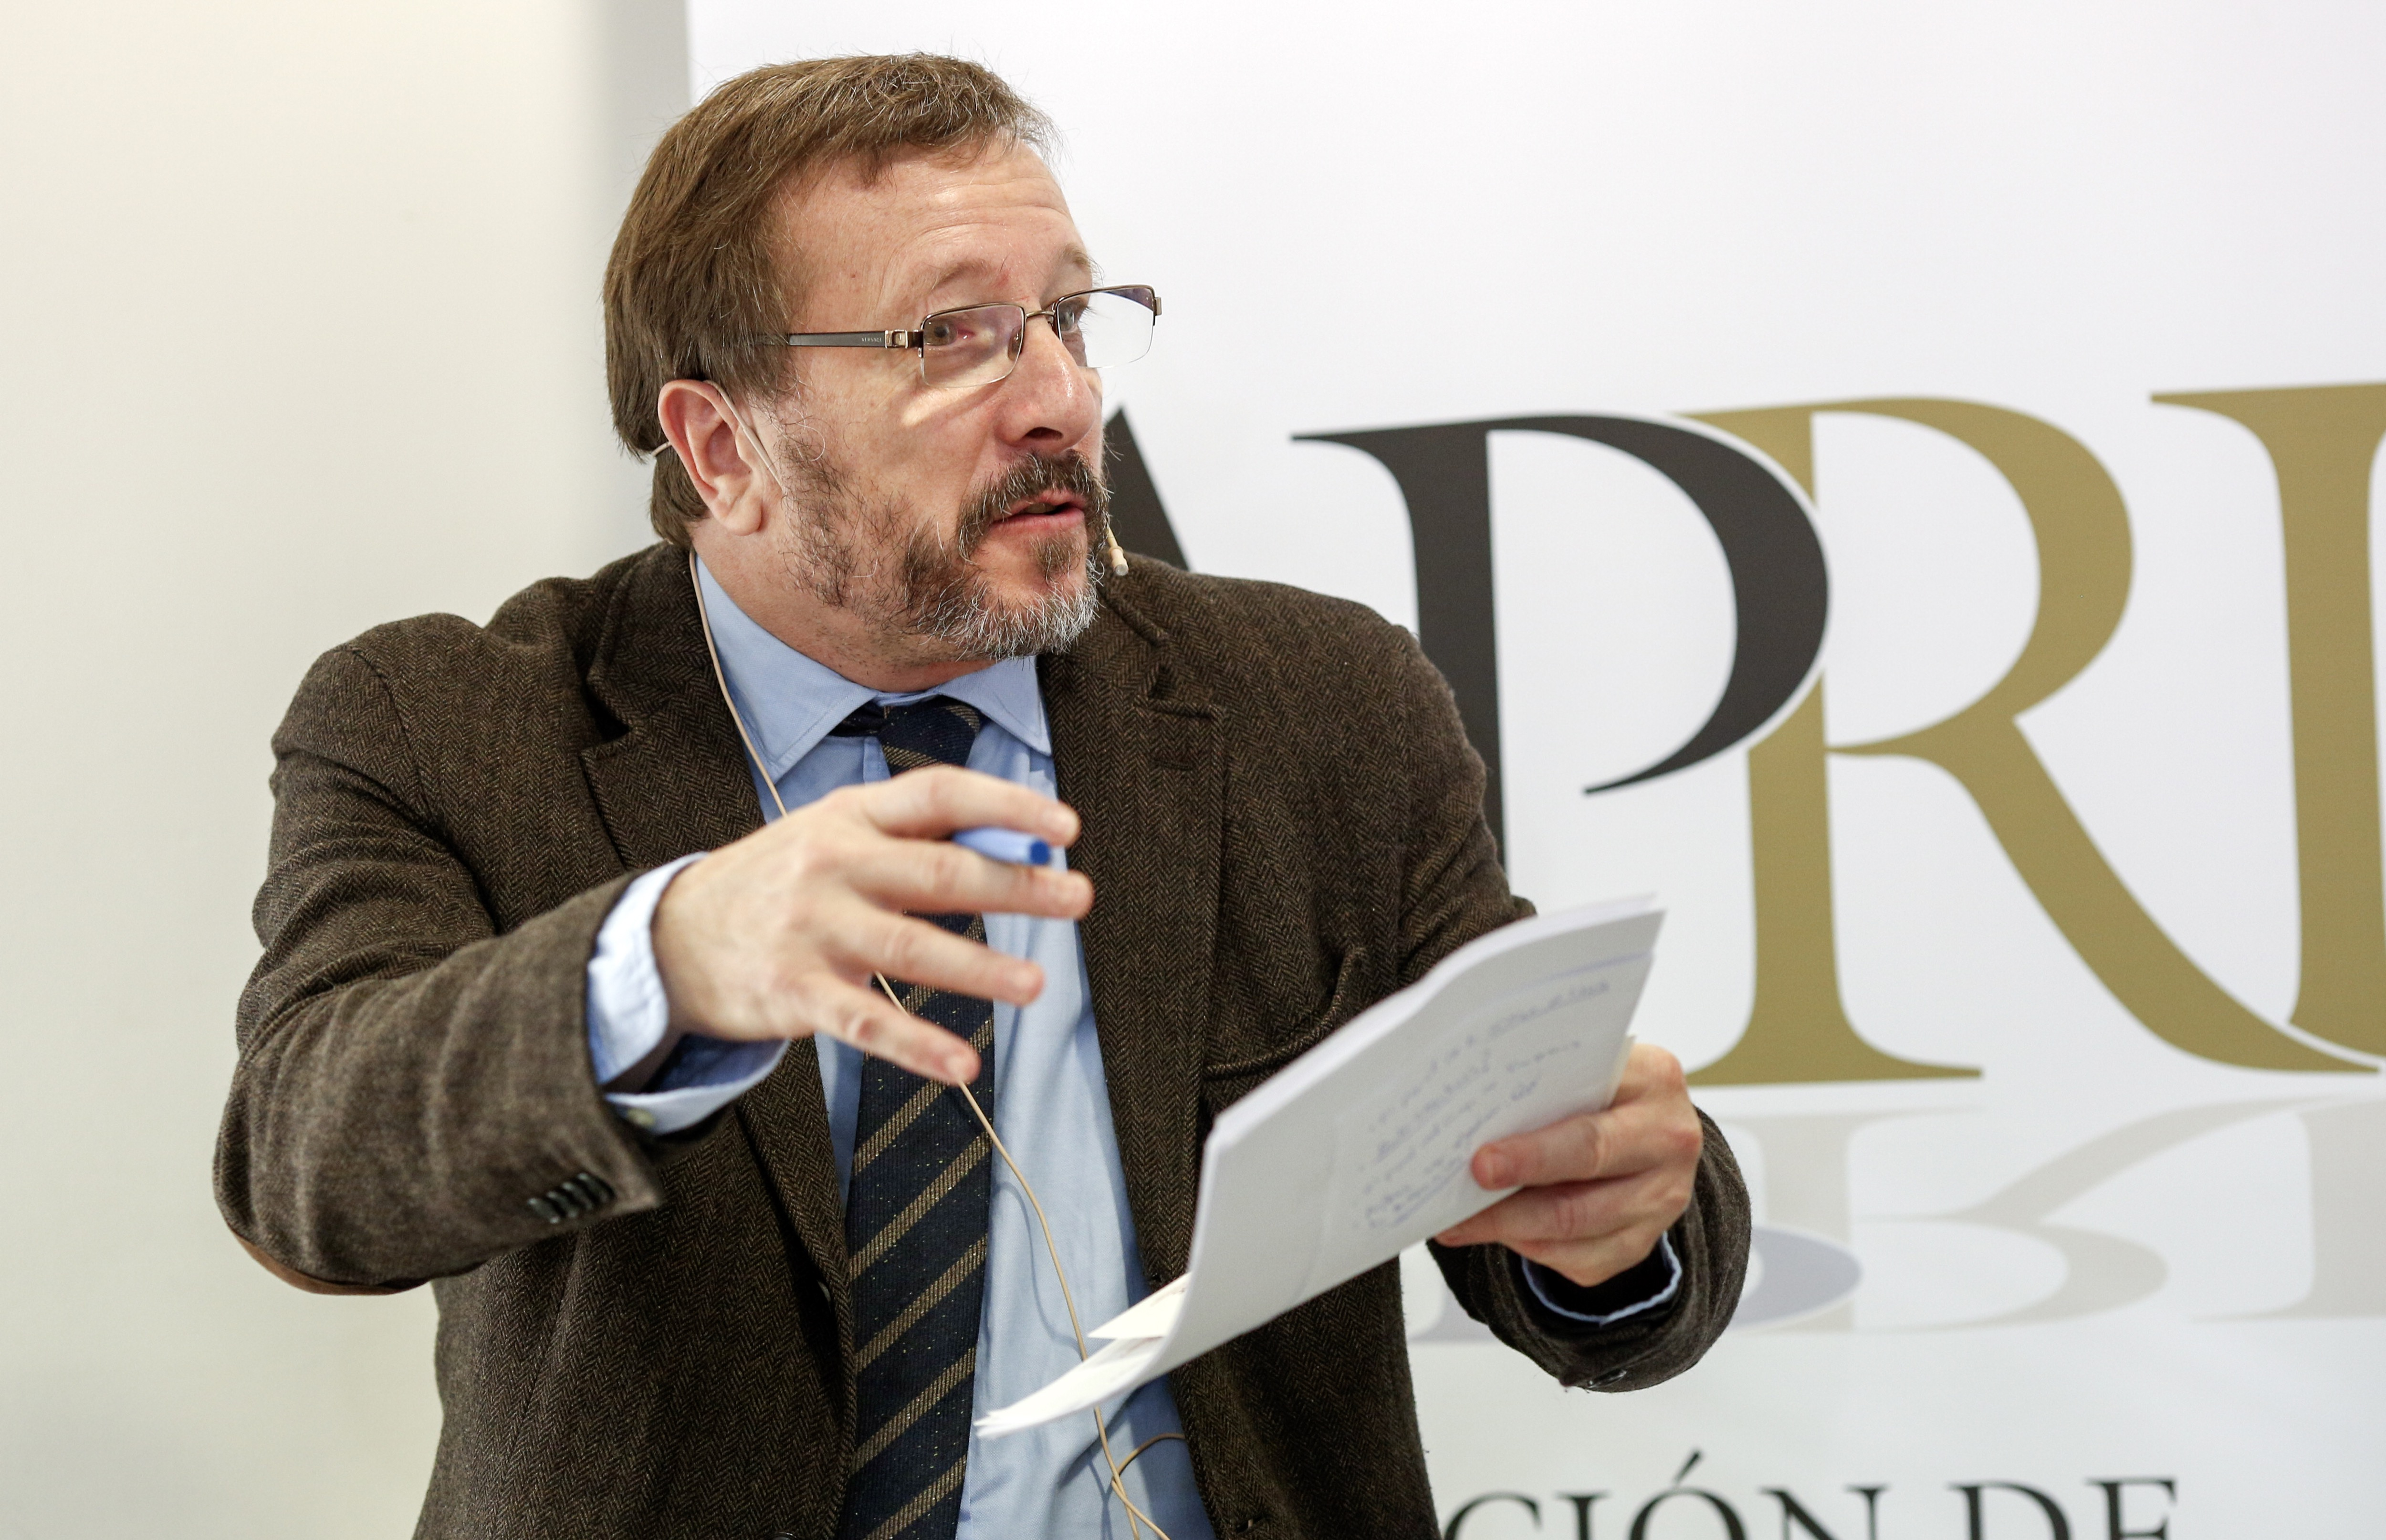 Carlos Sánchez Director Adjunto El Confidencial APRI